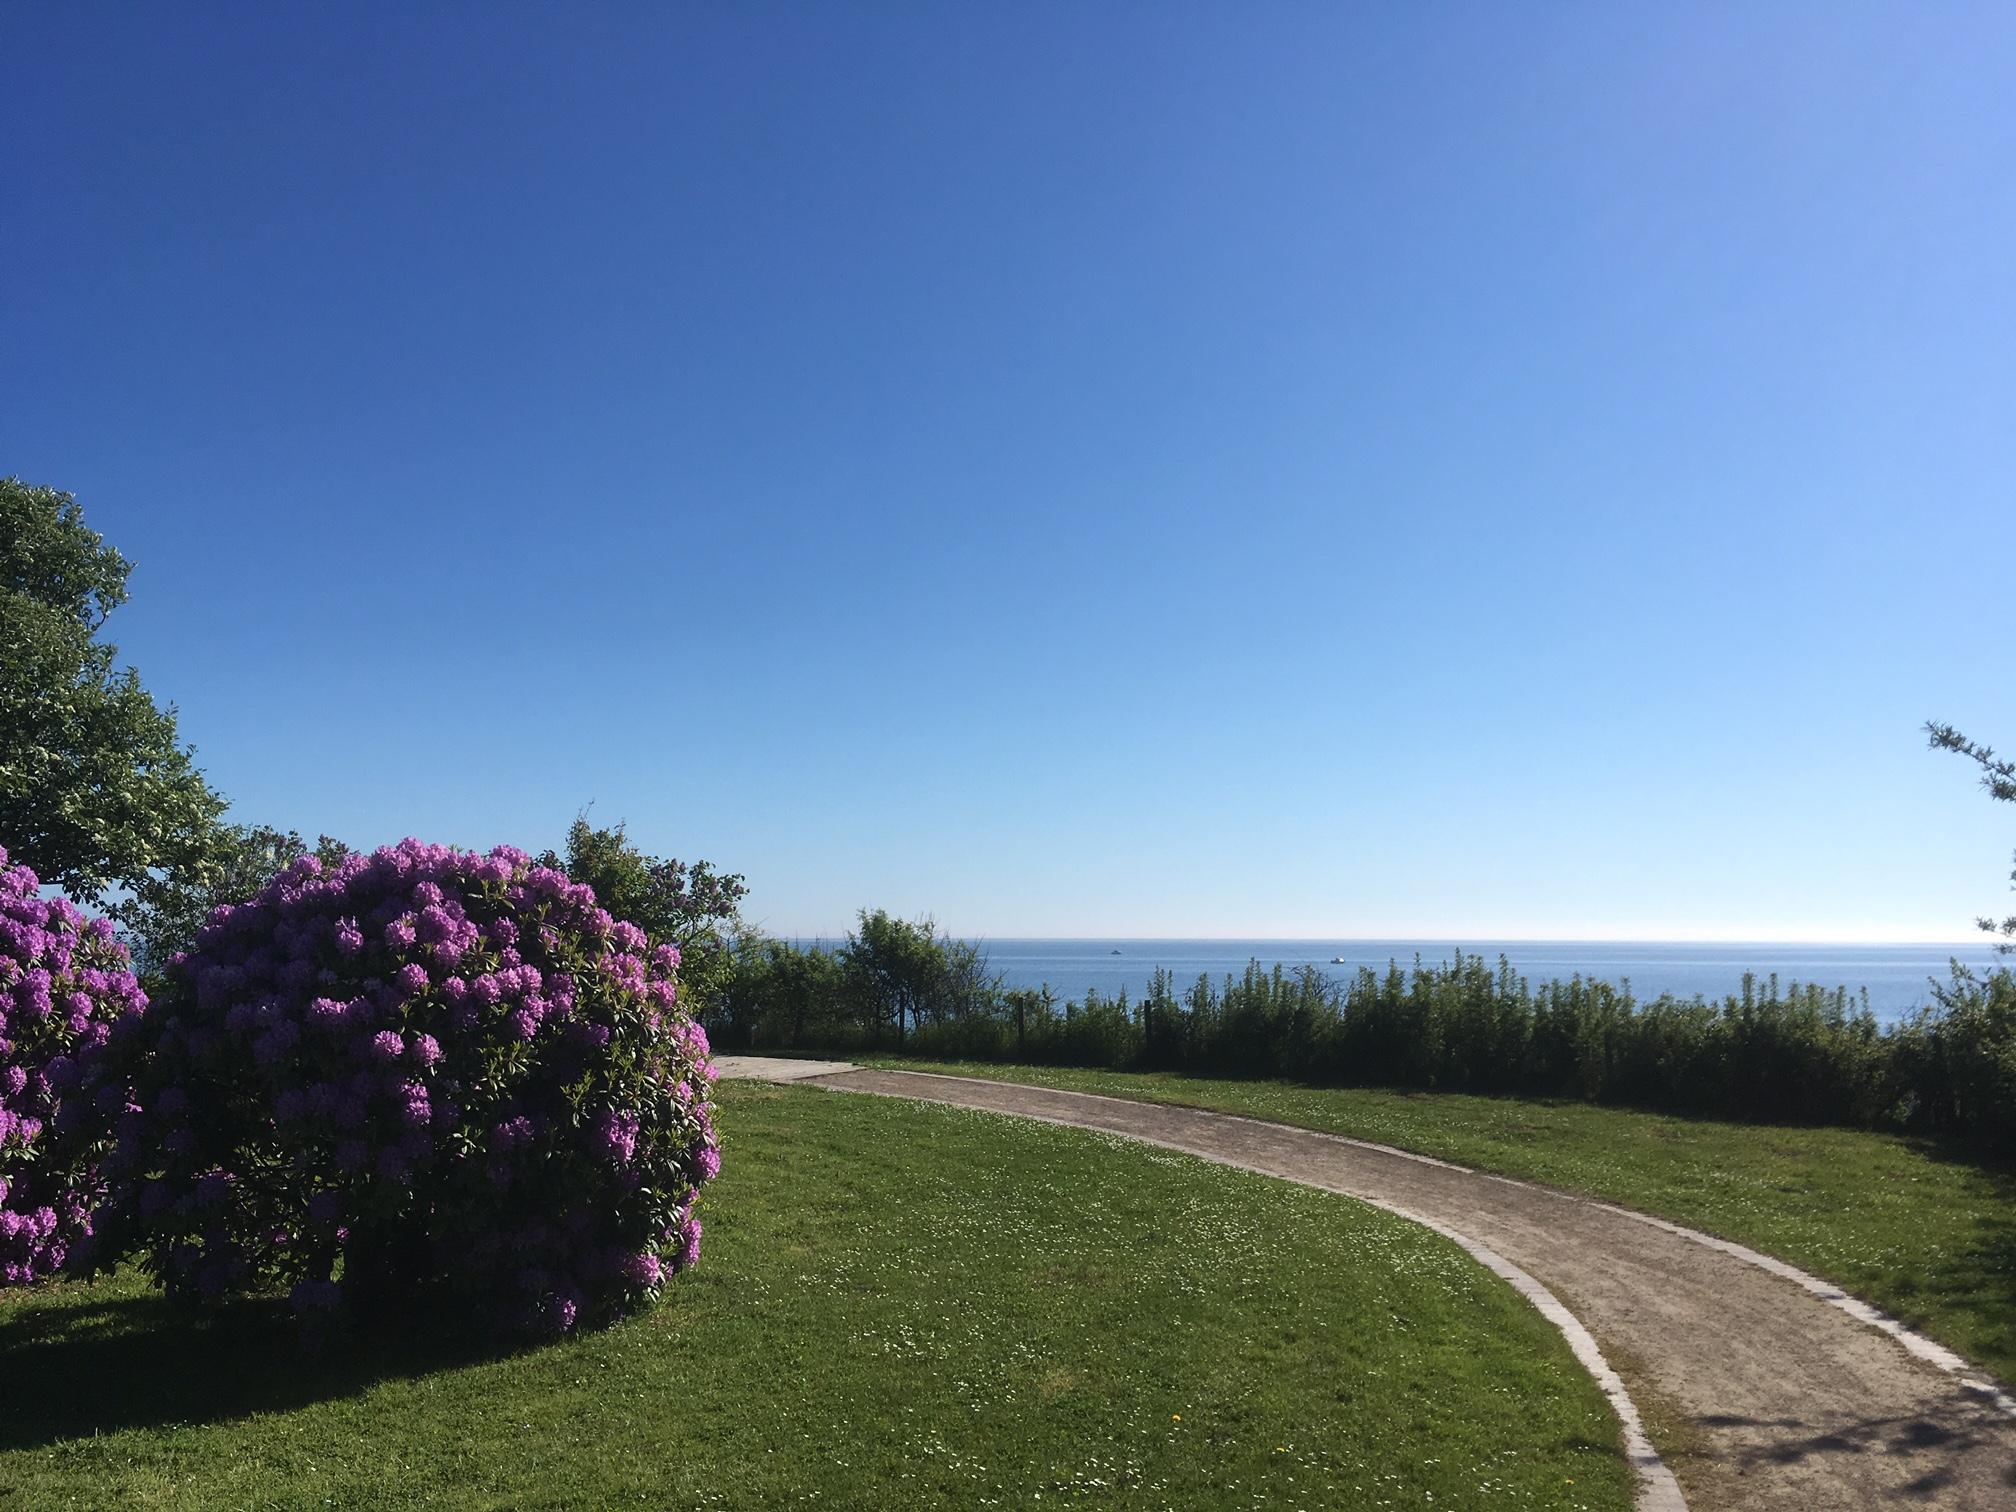 Strand_Promenade_web